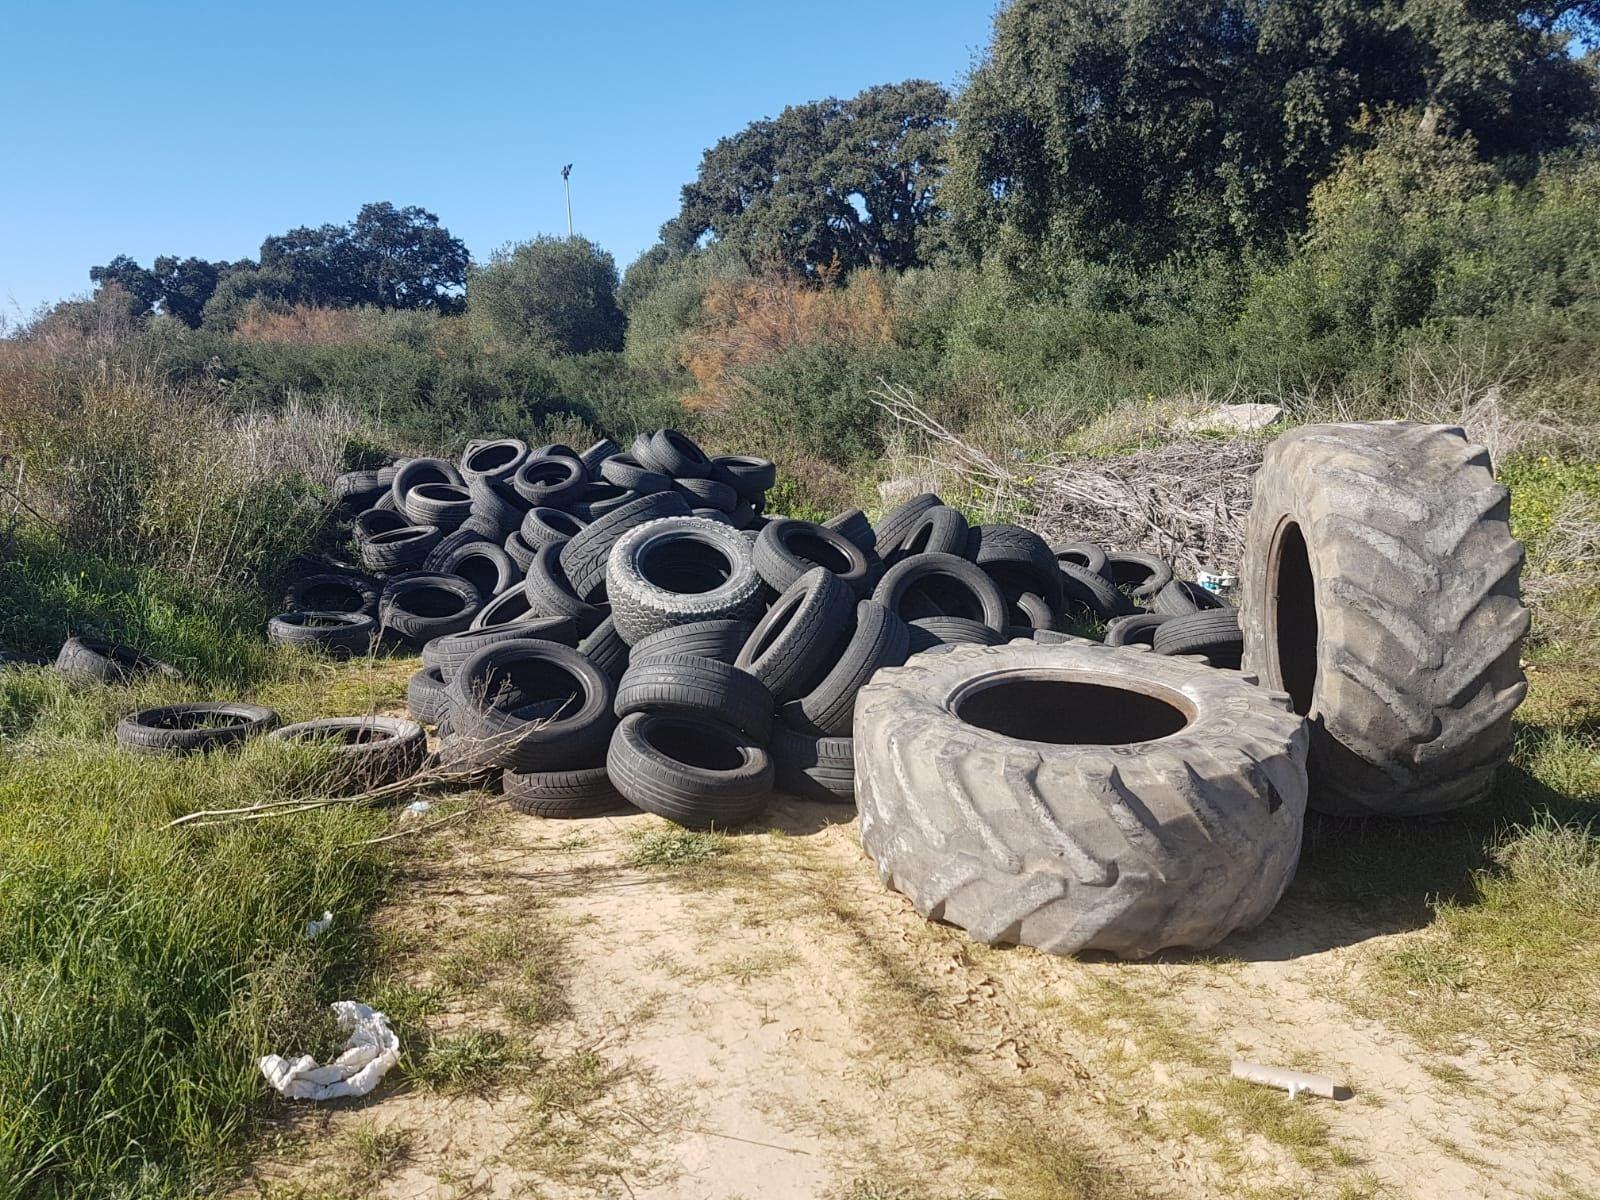 Verdemar denuncia la gran cantidad de neumáticos en el Cerro del Prado en Guadarranque